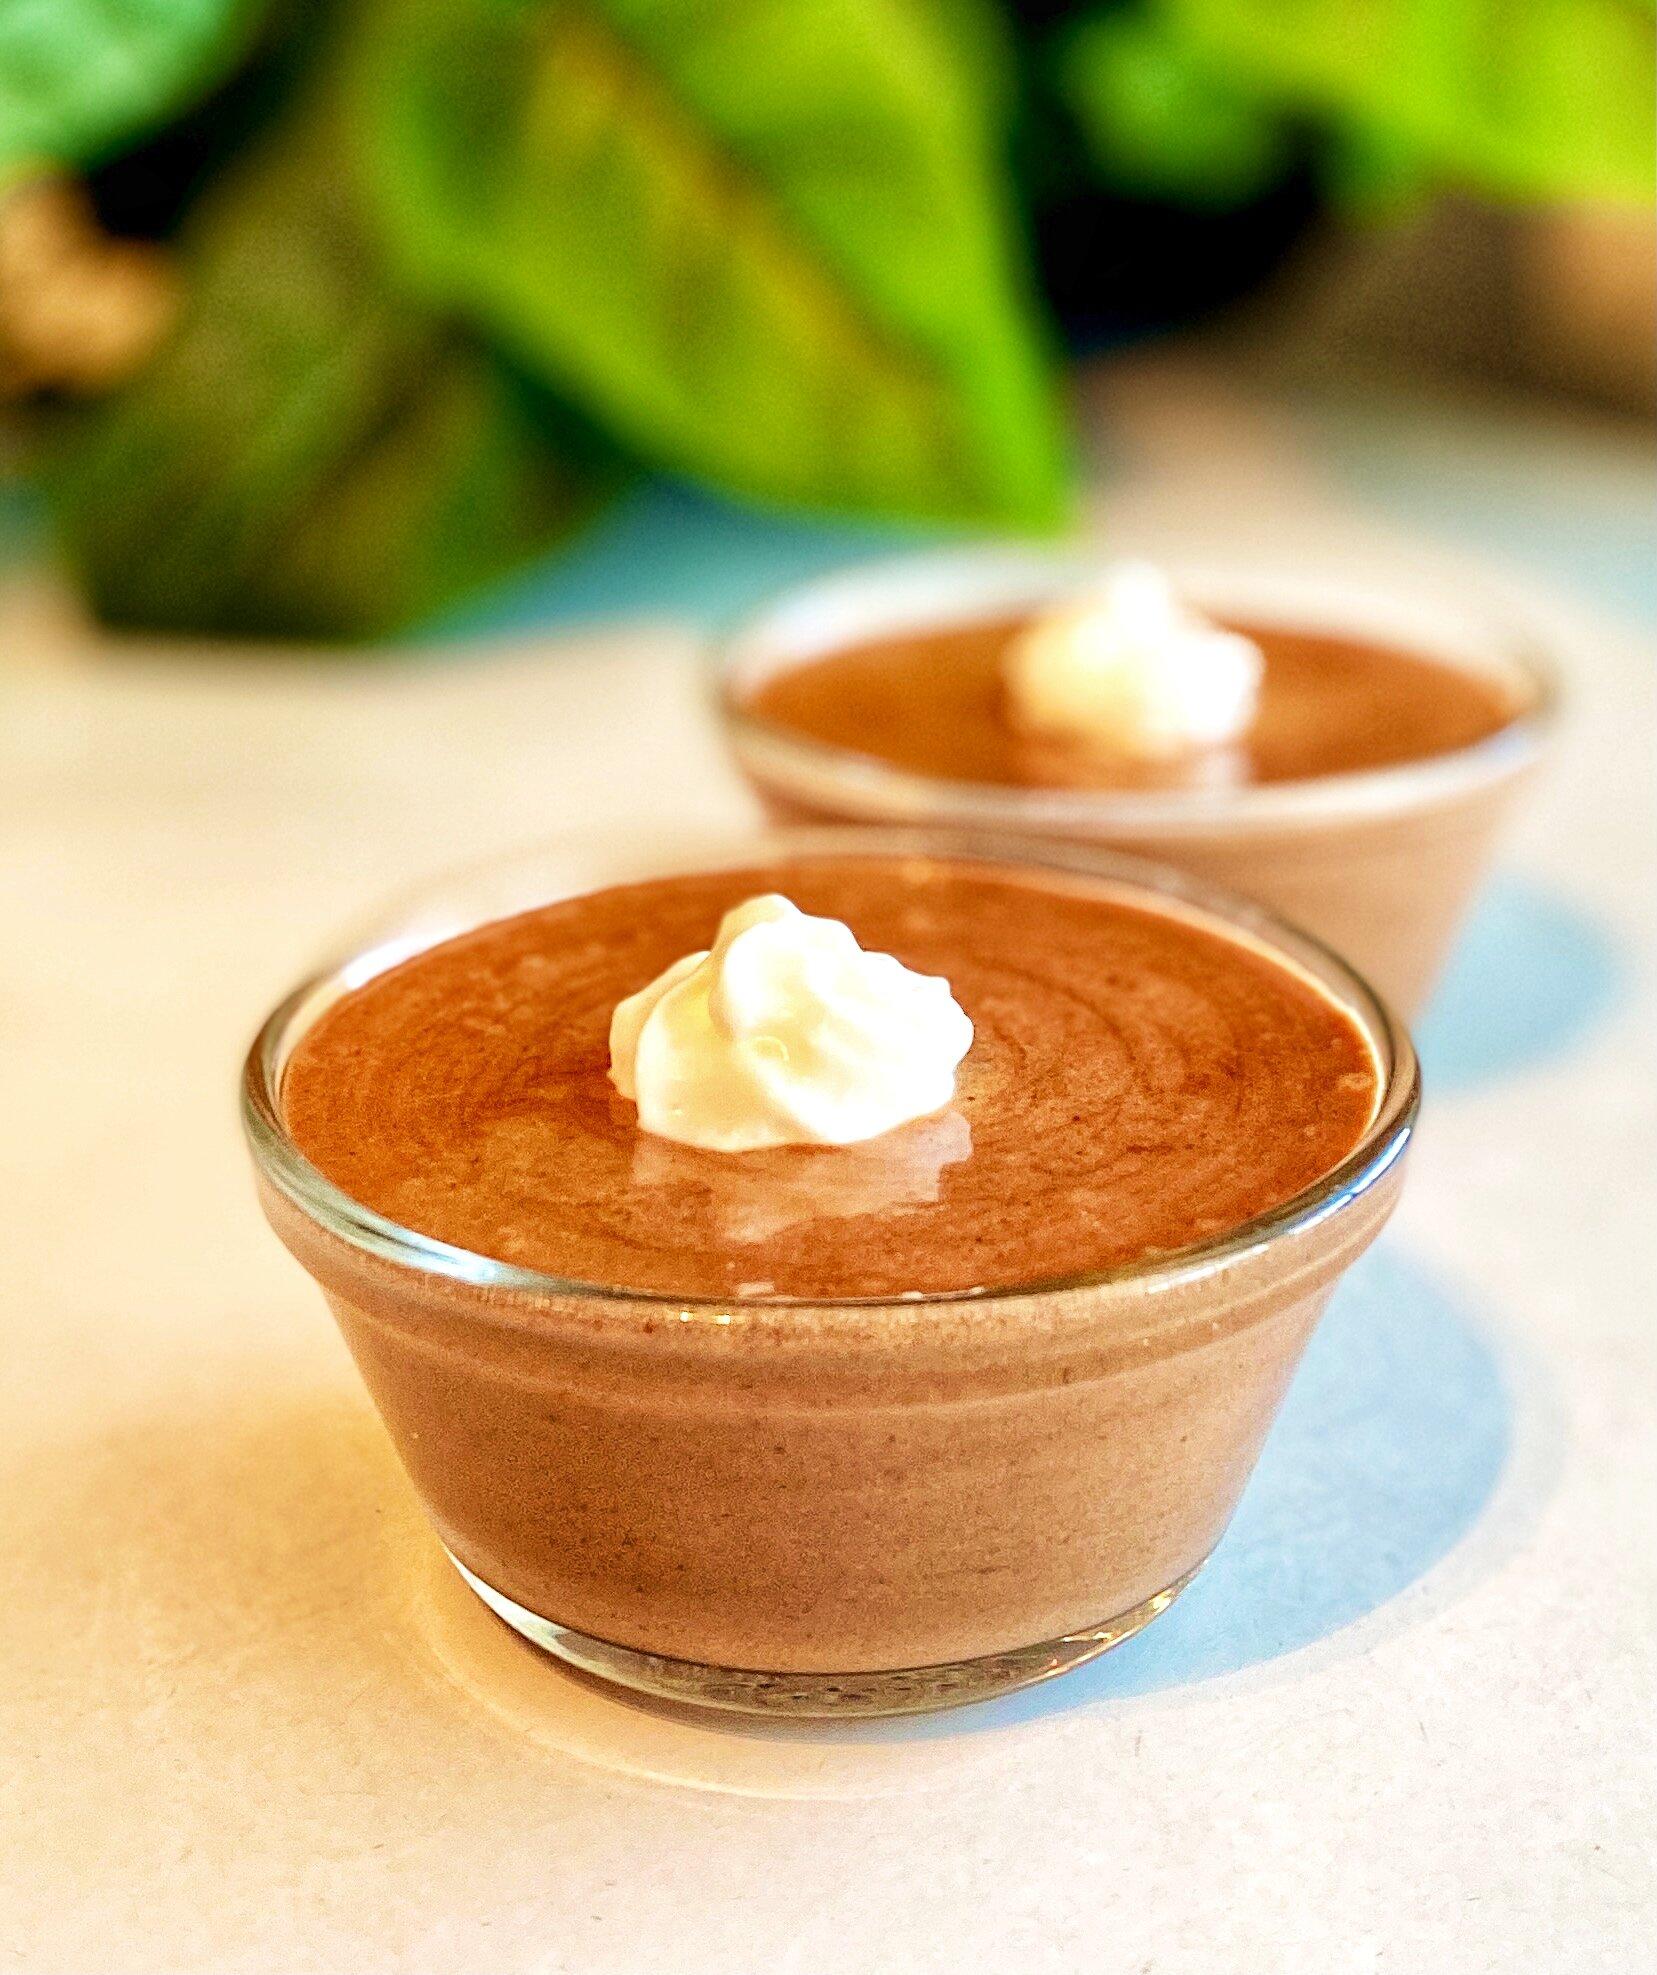 vegan chocolate mousse with aquafaba recipe